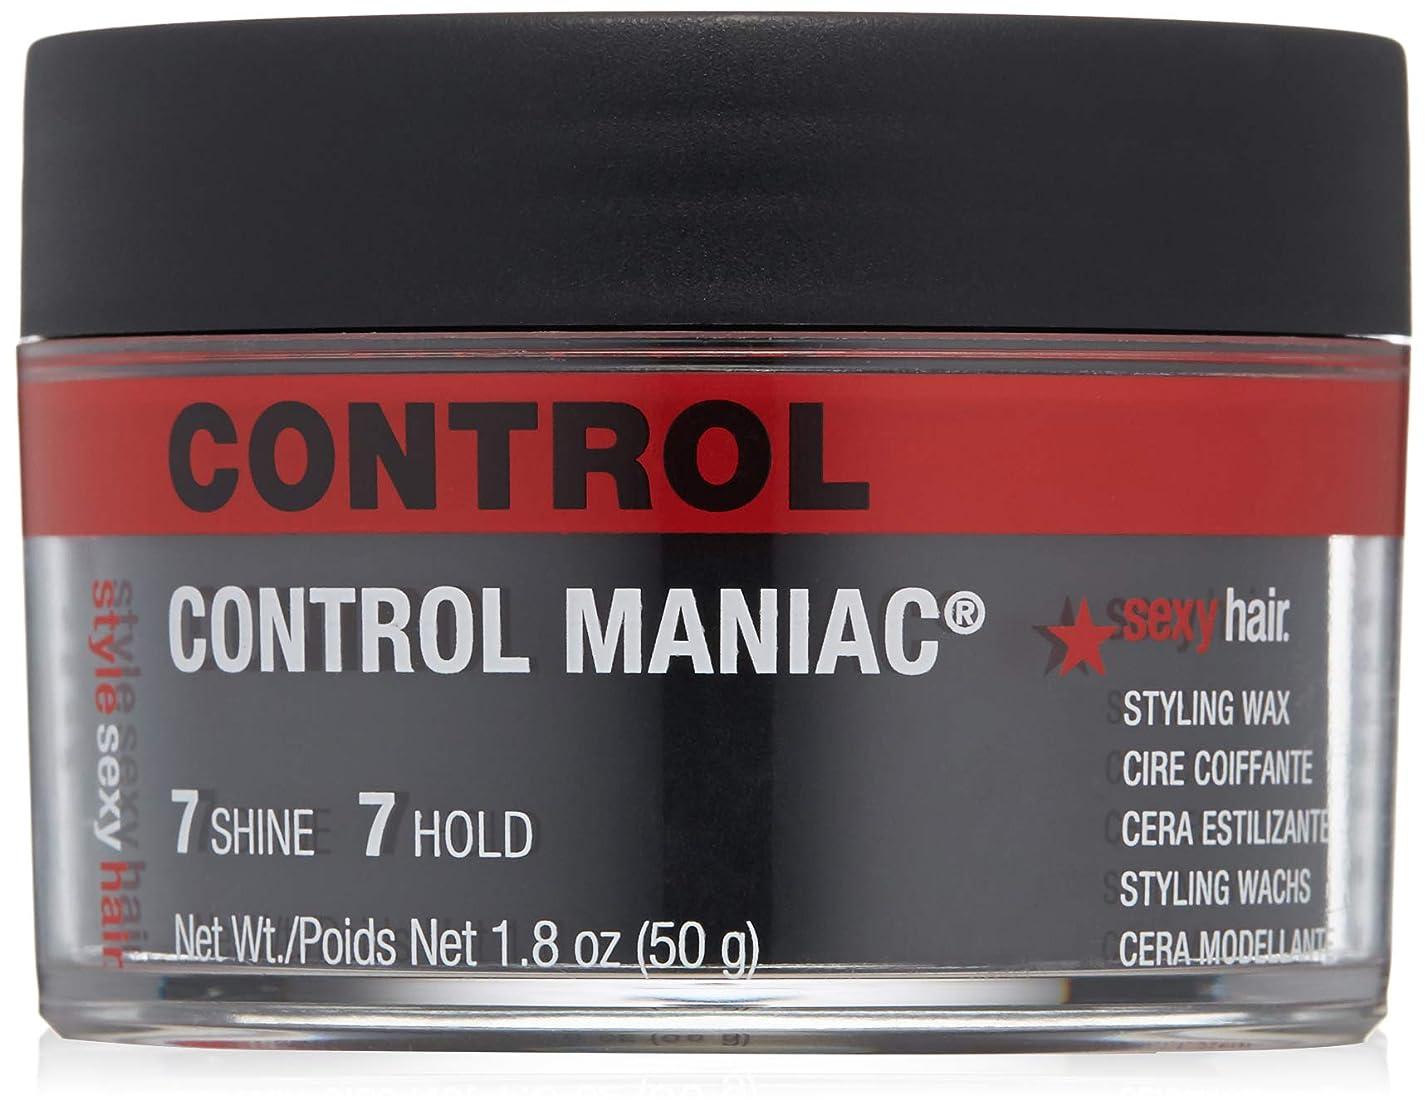 命令的ストレスの多い報いるセクシーヘアコンセプト - スタイル ワックス コントロール マニアック スタイリング ワックス - 50g/1.8oz